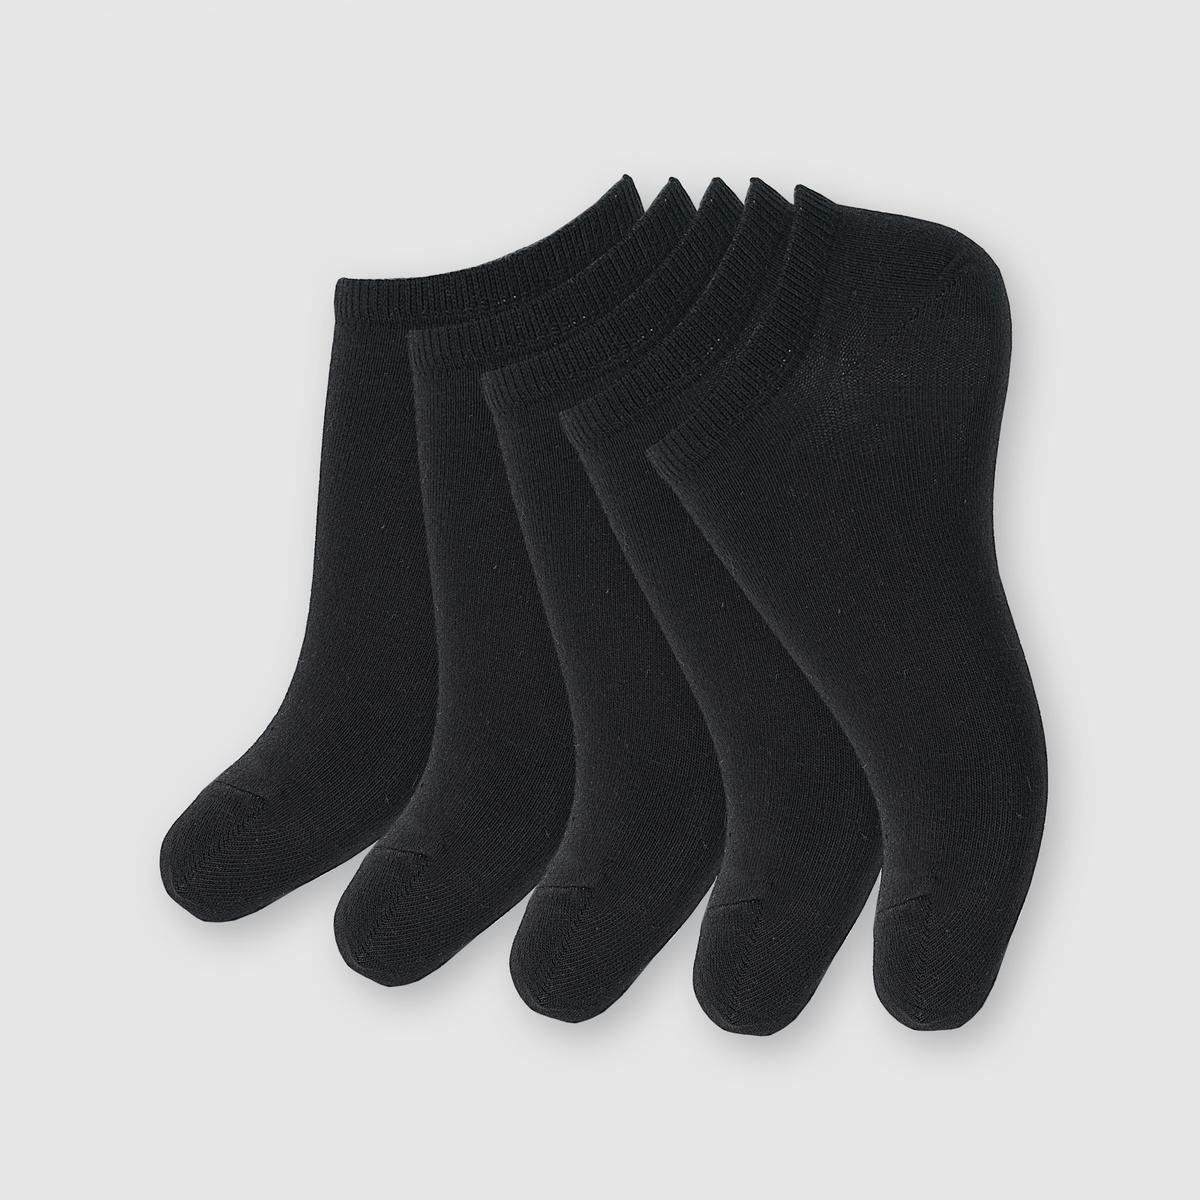 5 пар носковКомплект из 5 пар трикотажных носков с низкой манжетой. Укрепленные края в области лодыжки.Состав и описаниеМатериал: 77% хлопка, 22% полиамида, 1% эластана.Марка: R essentiel.Уход:Машинная стирка при 30° в защитном чехле.<br><br>Цвет: белый,черный<br>Размер: 35/37.38/41.35/37.38/41